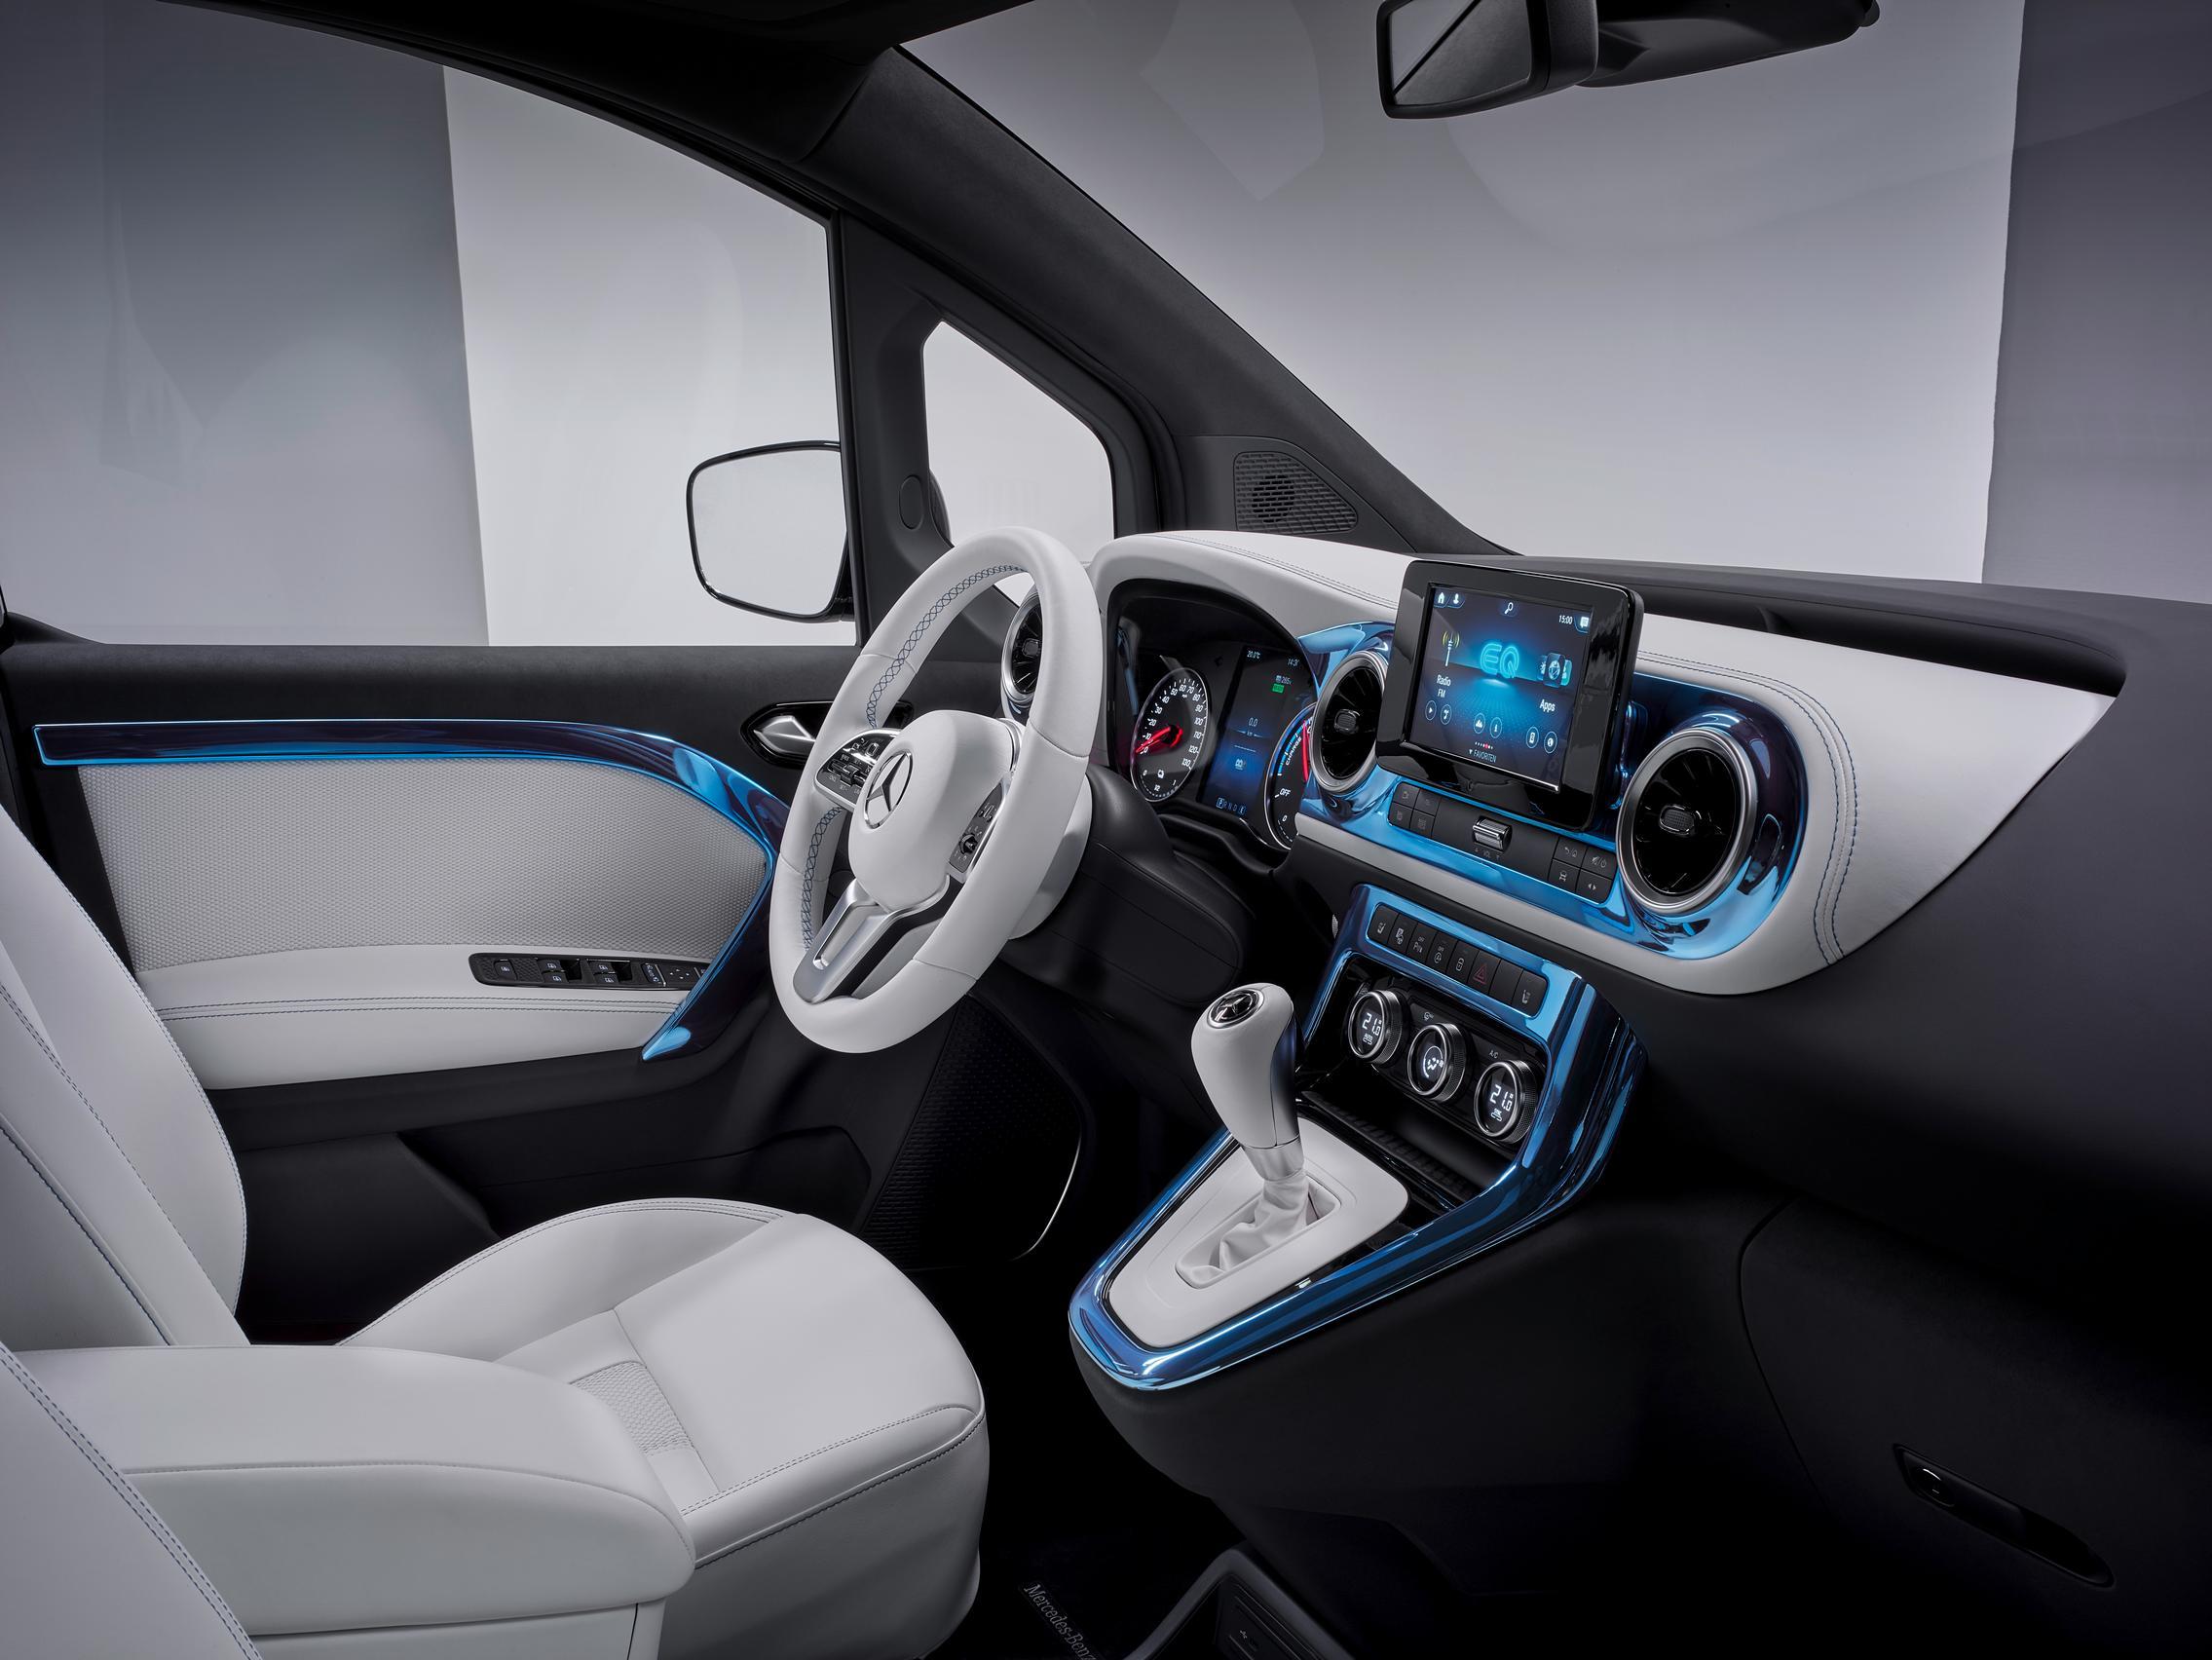 2022 Mercedes-Benz EQT cabin